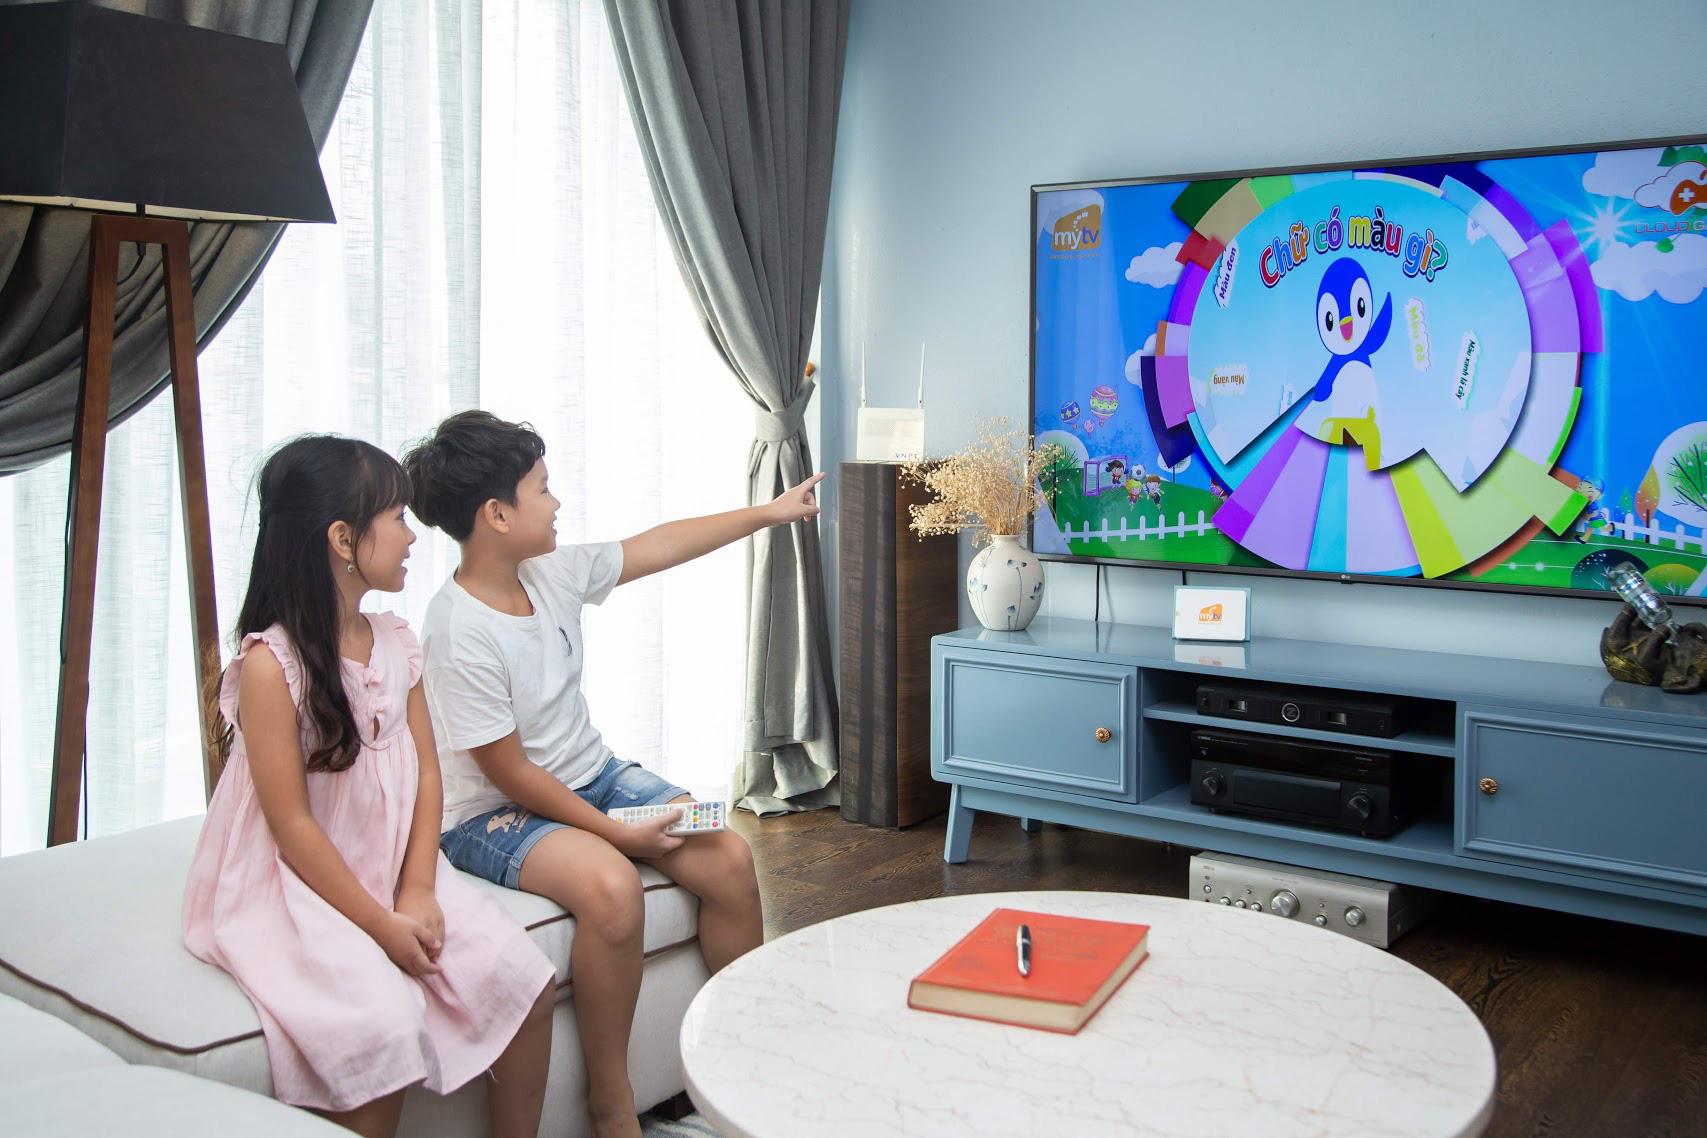 Giãn cách xã hội, người Việt khám phá niềm vui trong những hoạt động giải trí tại gia cùng truyền hình MyTV - ảnh 1